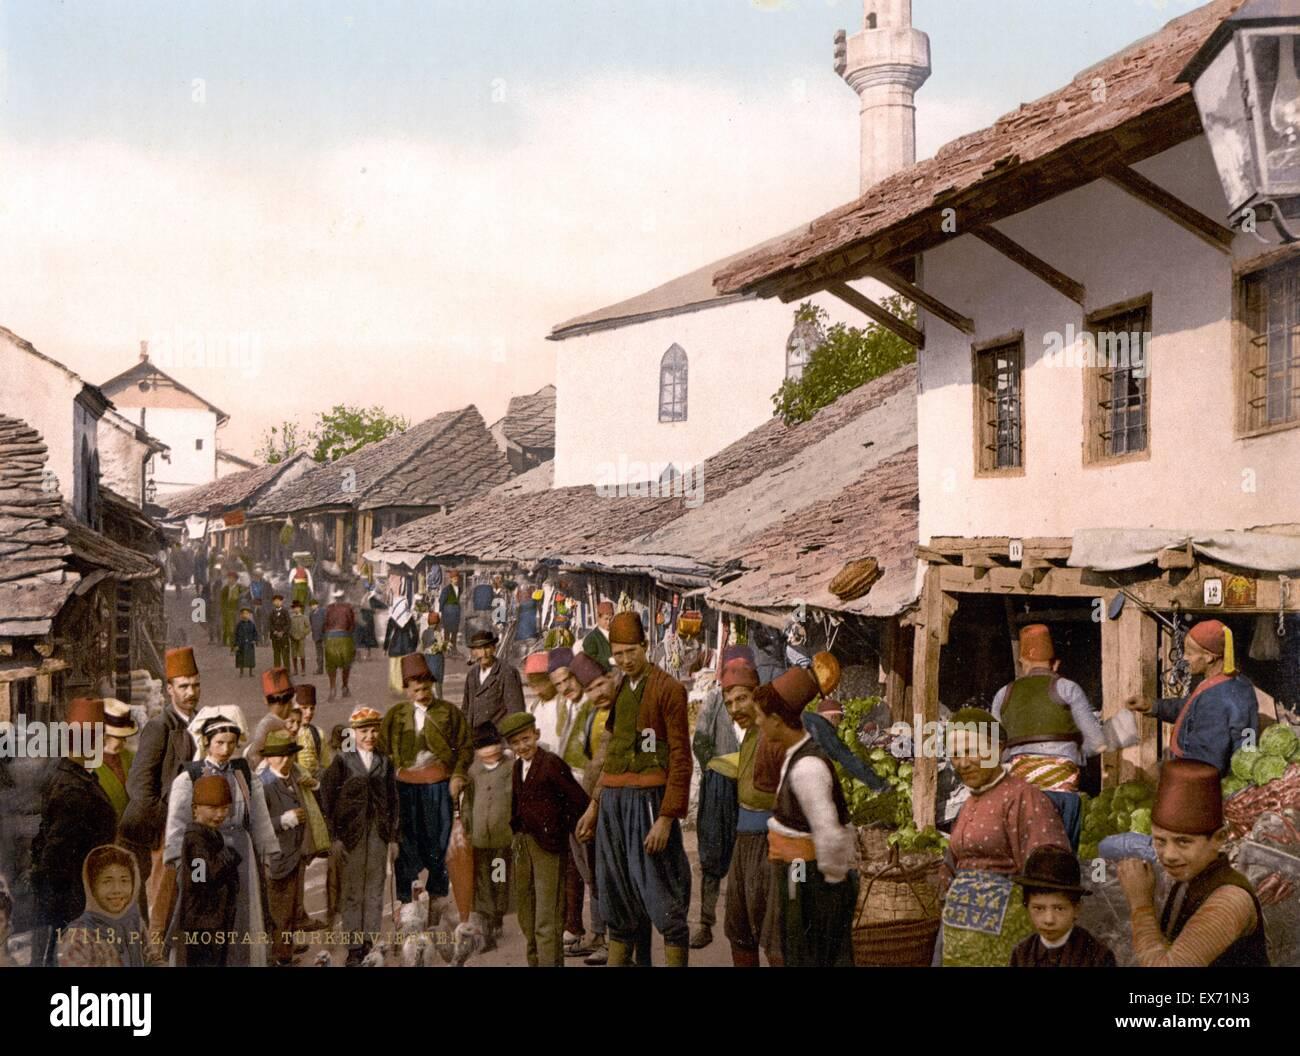 Mostar, Turkish quarter, Herzegovina, Austro-Hungary 1900 - Stock Image